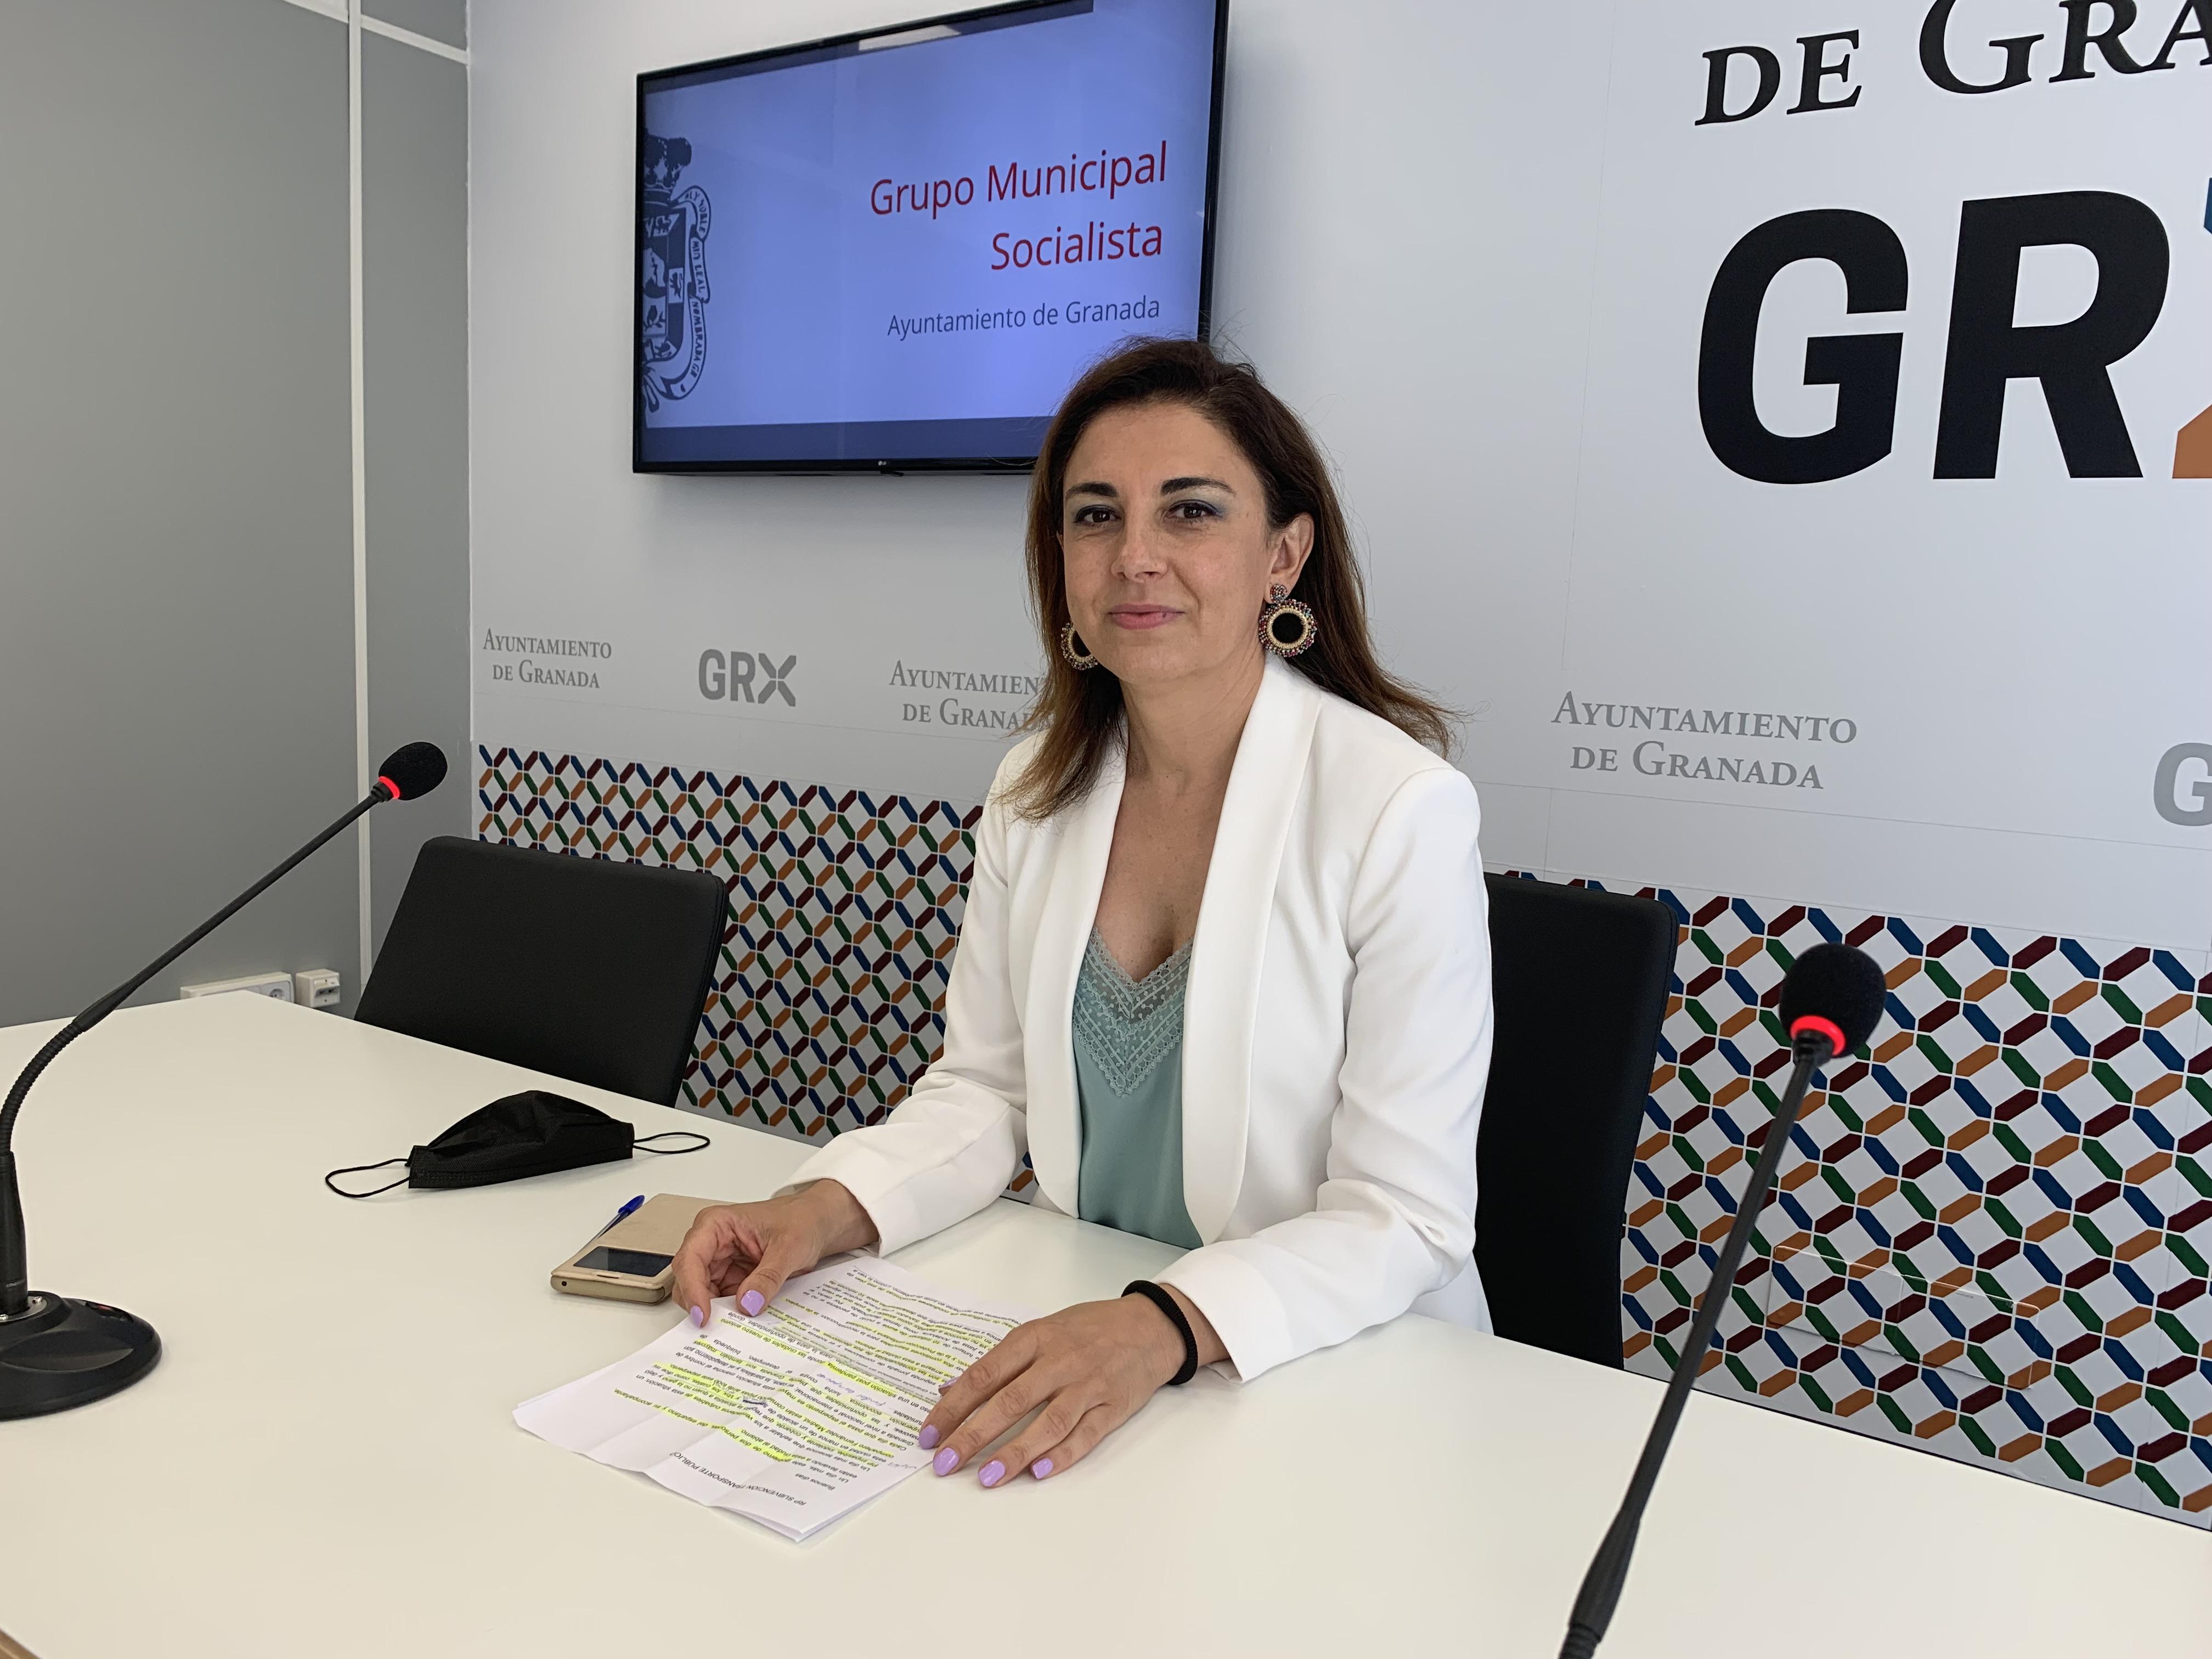 El PSOE critica que la parálisis municipal tenga sin habilitar adecuadamente la oficina de turismo